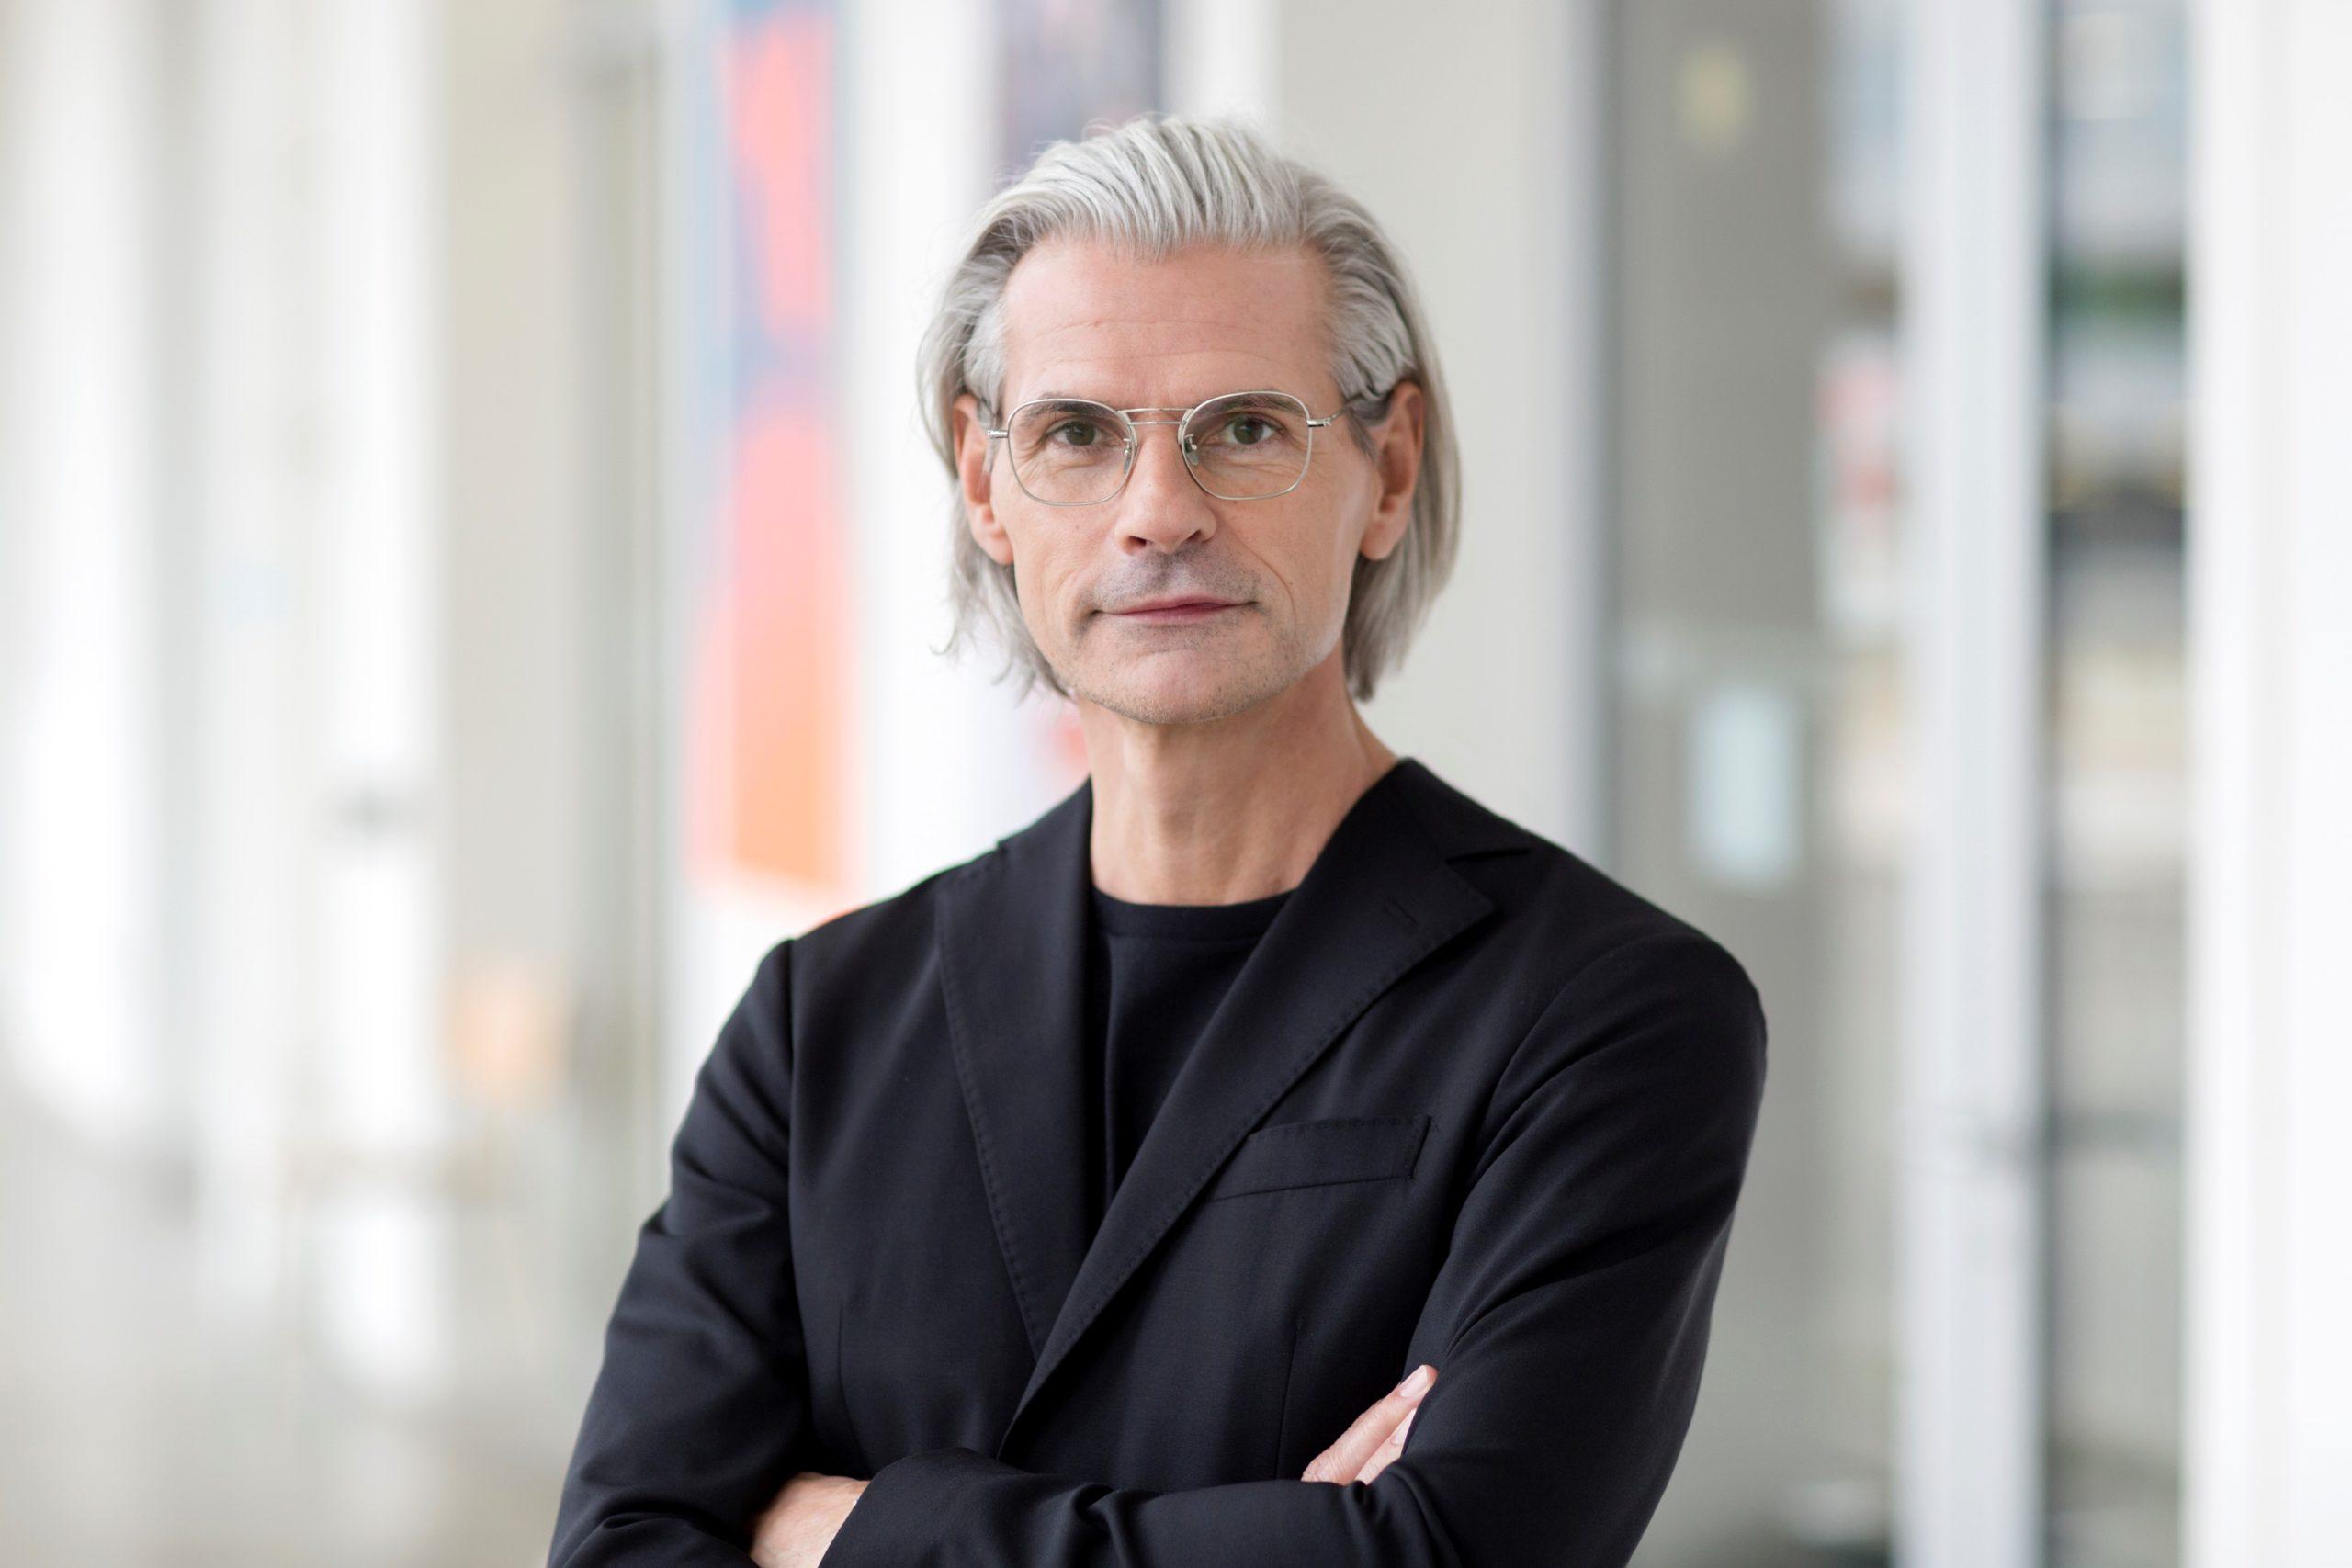 Stefan Charles übernimmt das Kölner Dezernat für Kunst und Kultur